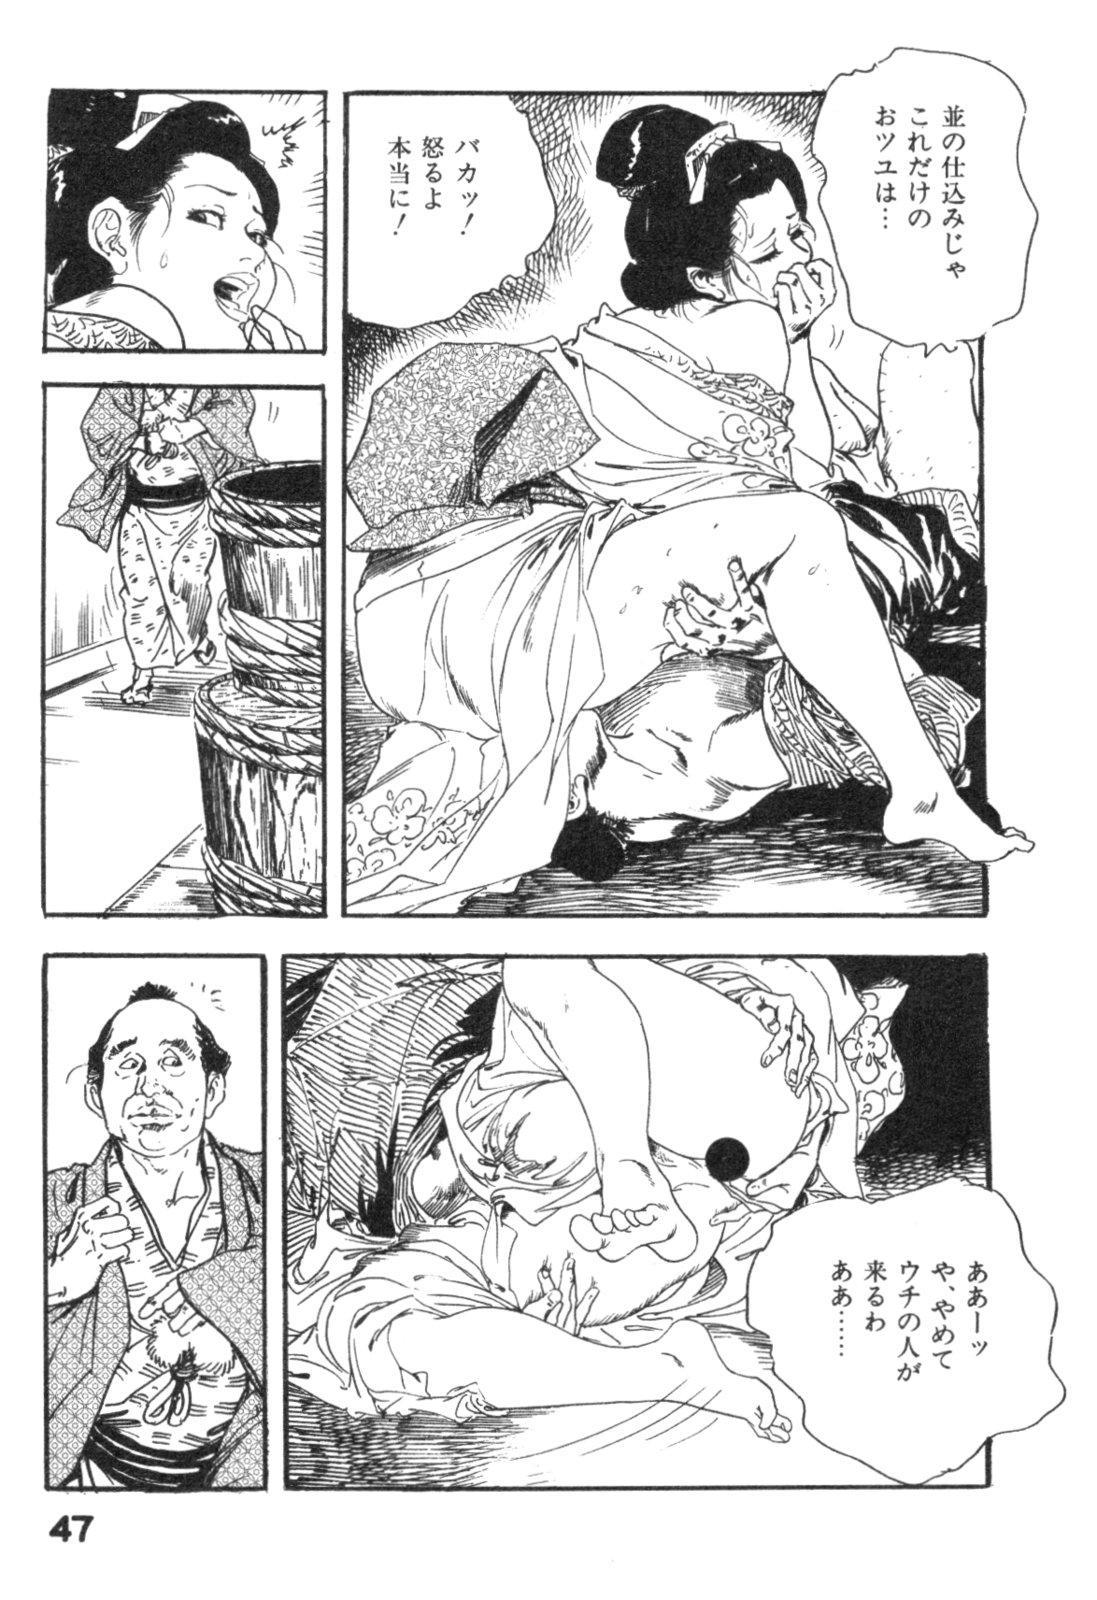 Jidaigeki Series 2 ~ Midare Kannon 49